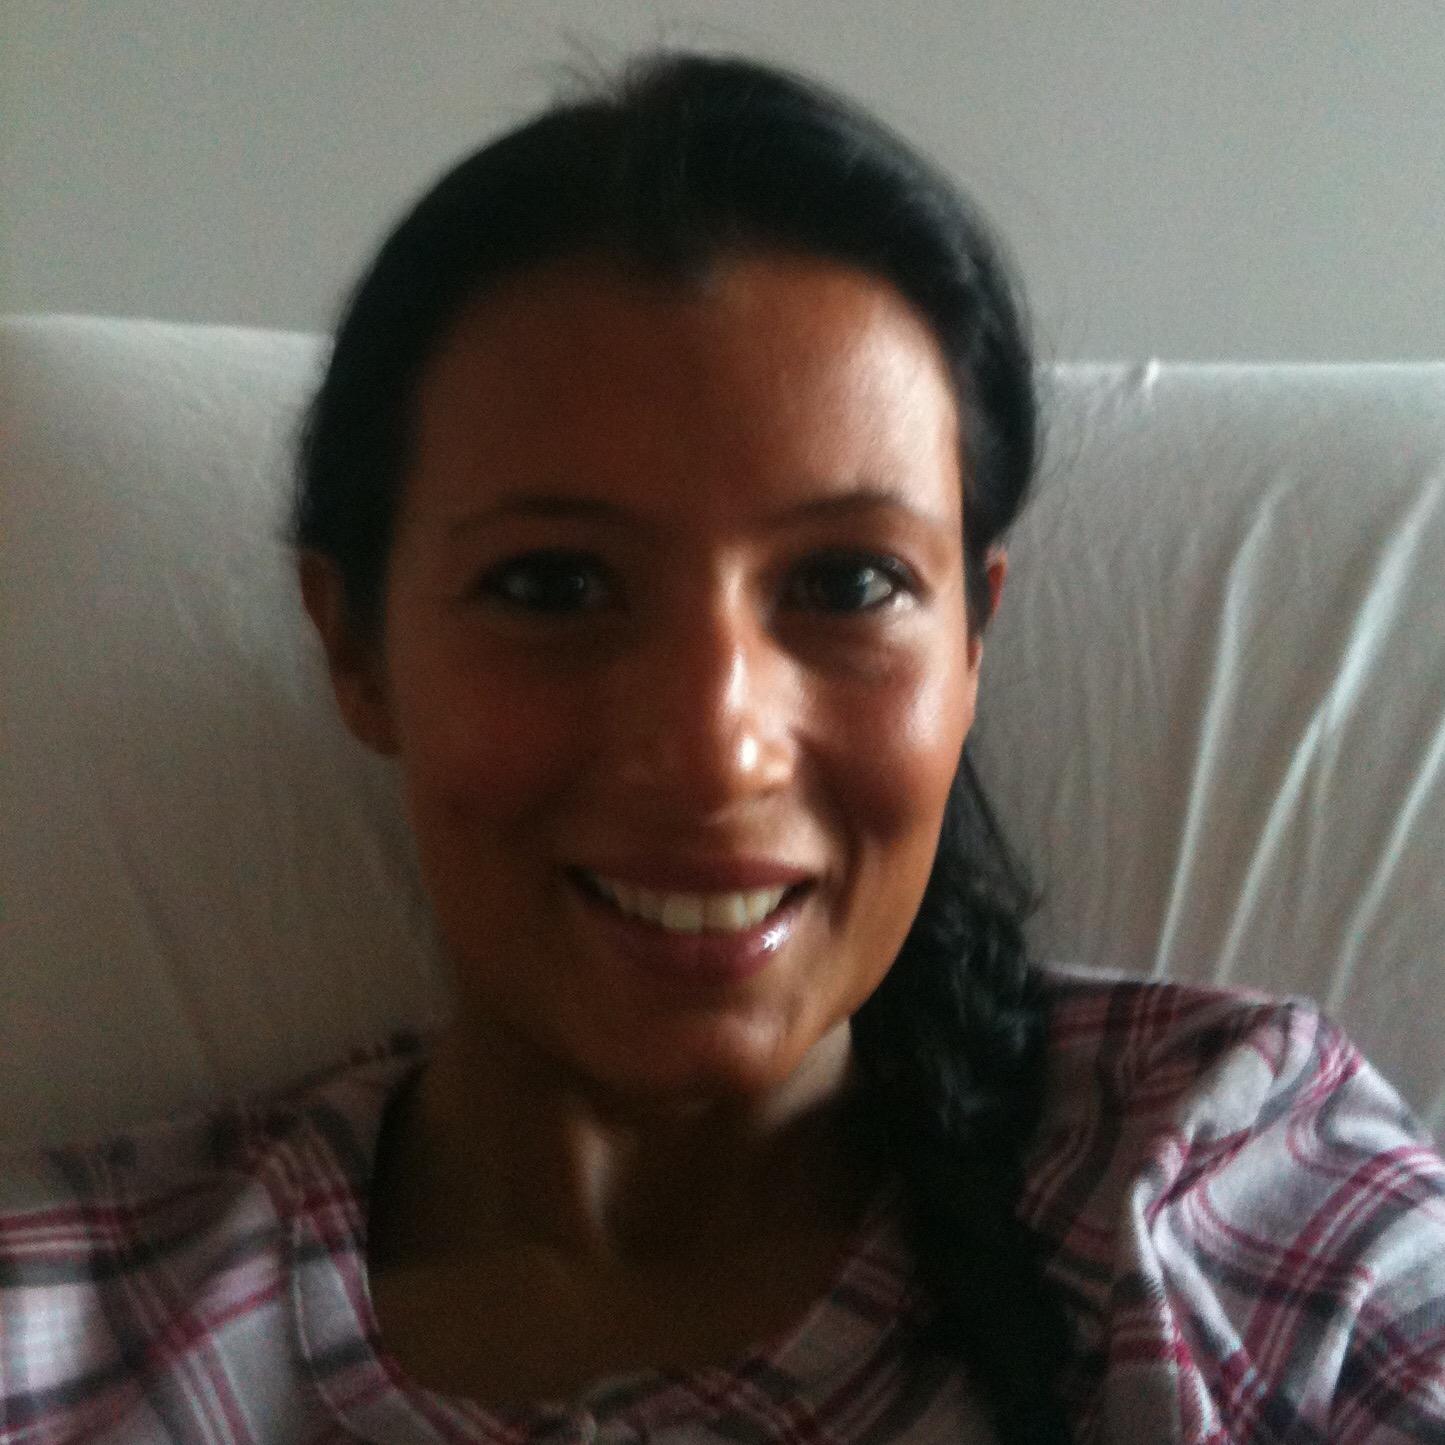 Le sourire : le lendemain de l'hystérectomie